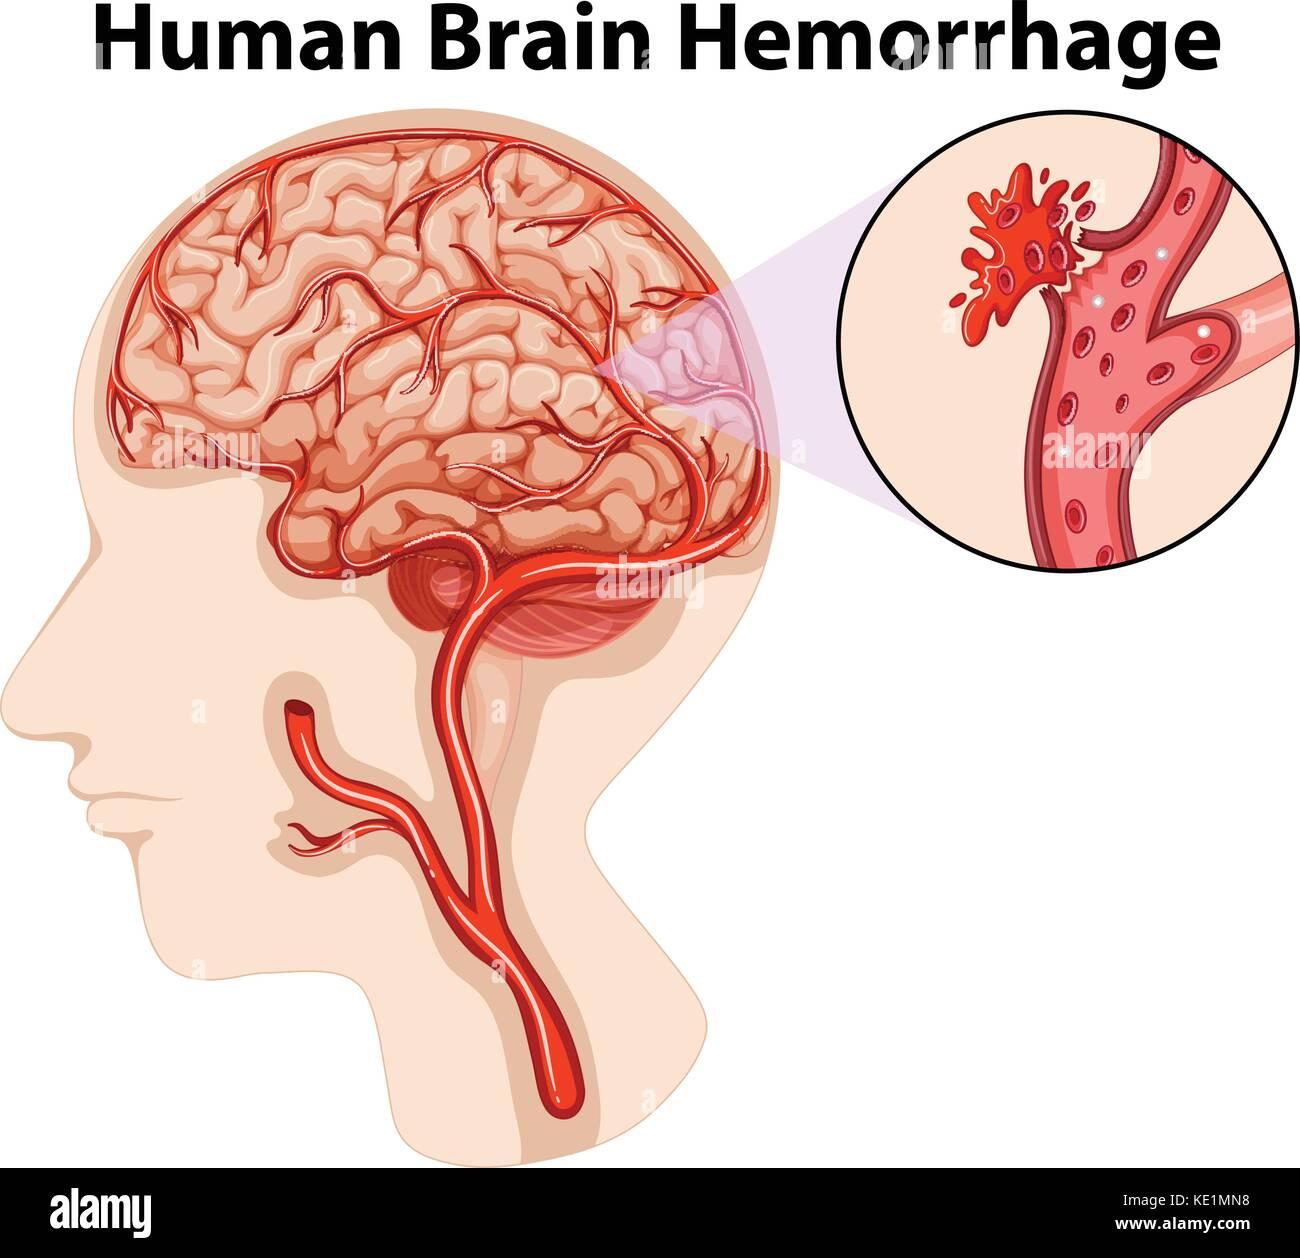 Diagrama de hemorragia cerebral humano ilustración Ilustración del ...